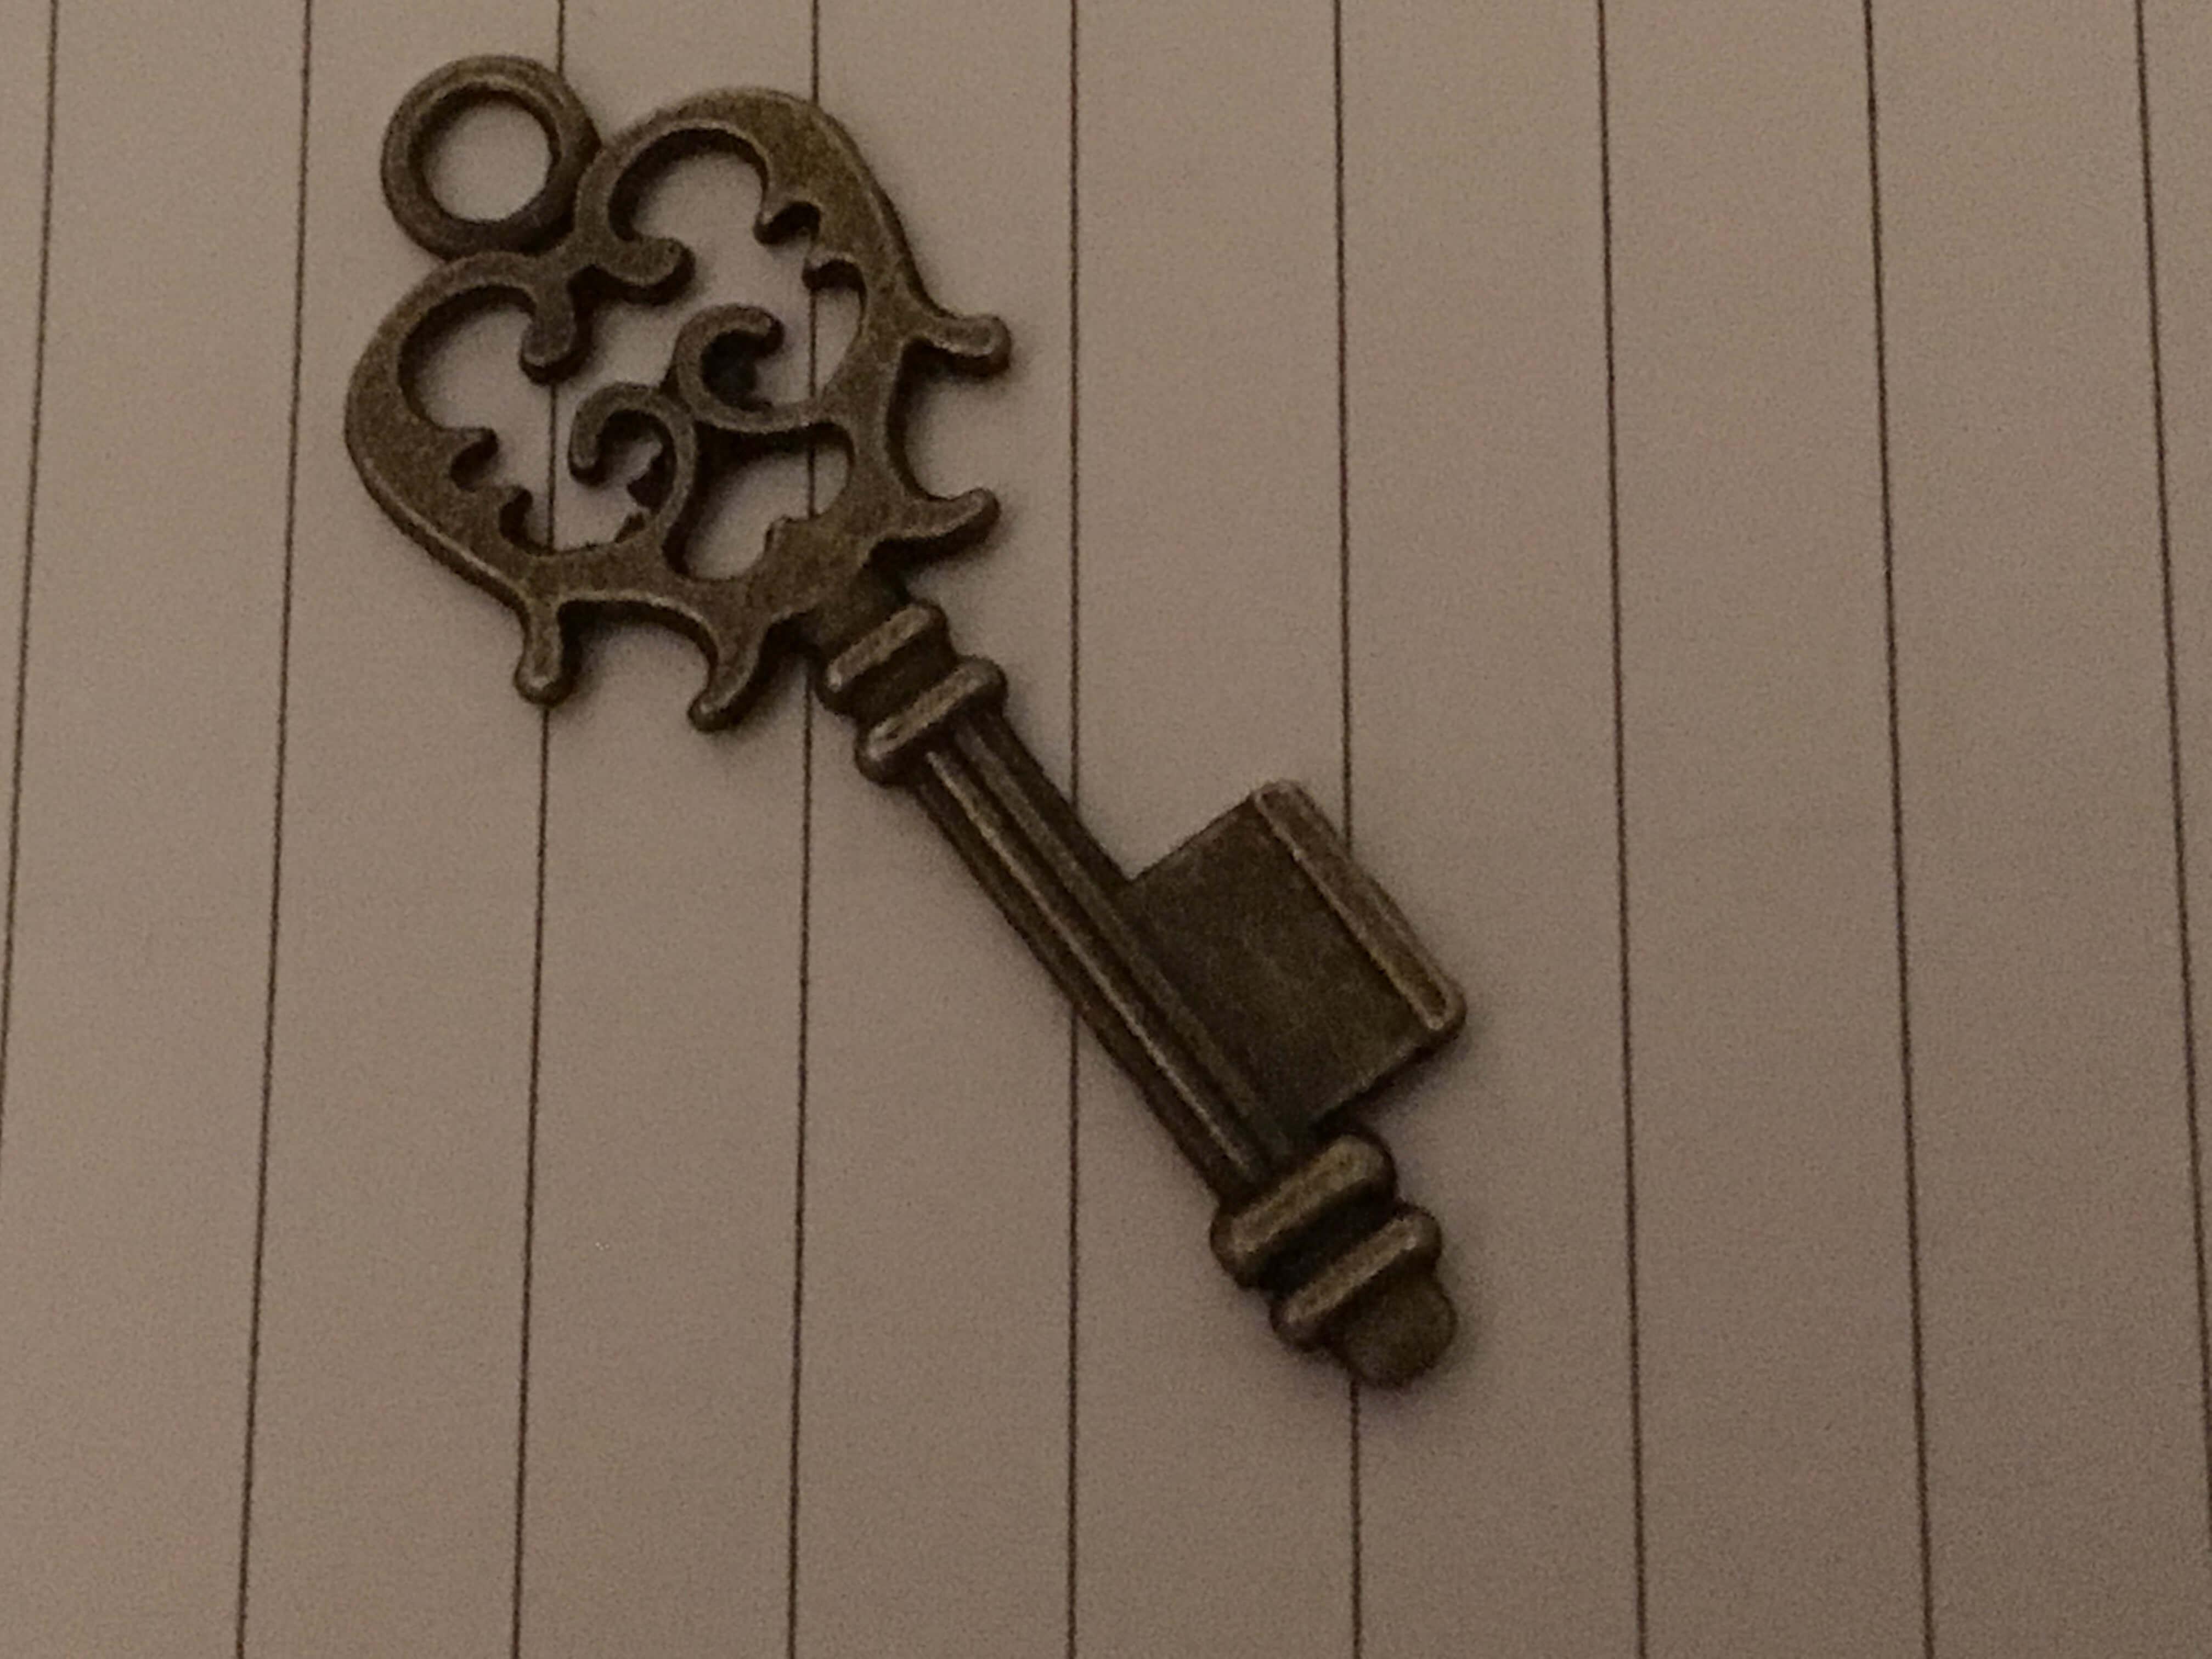 Goldmund Erzählfest Schlüssel